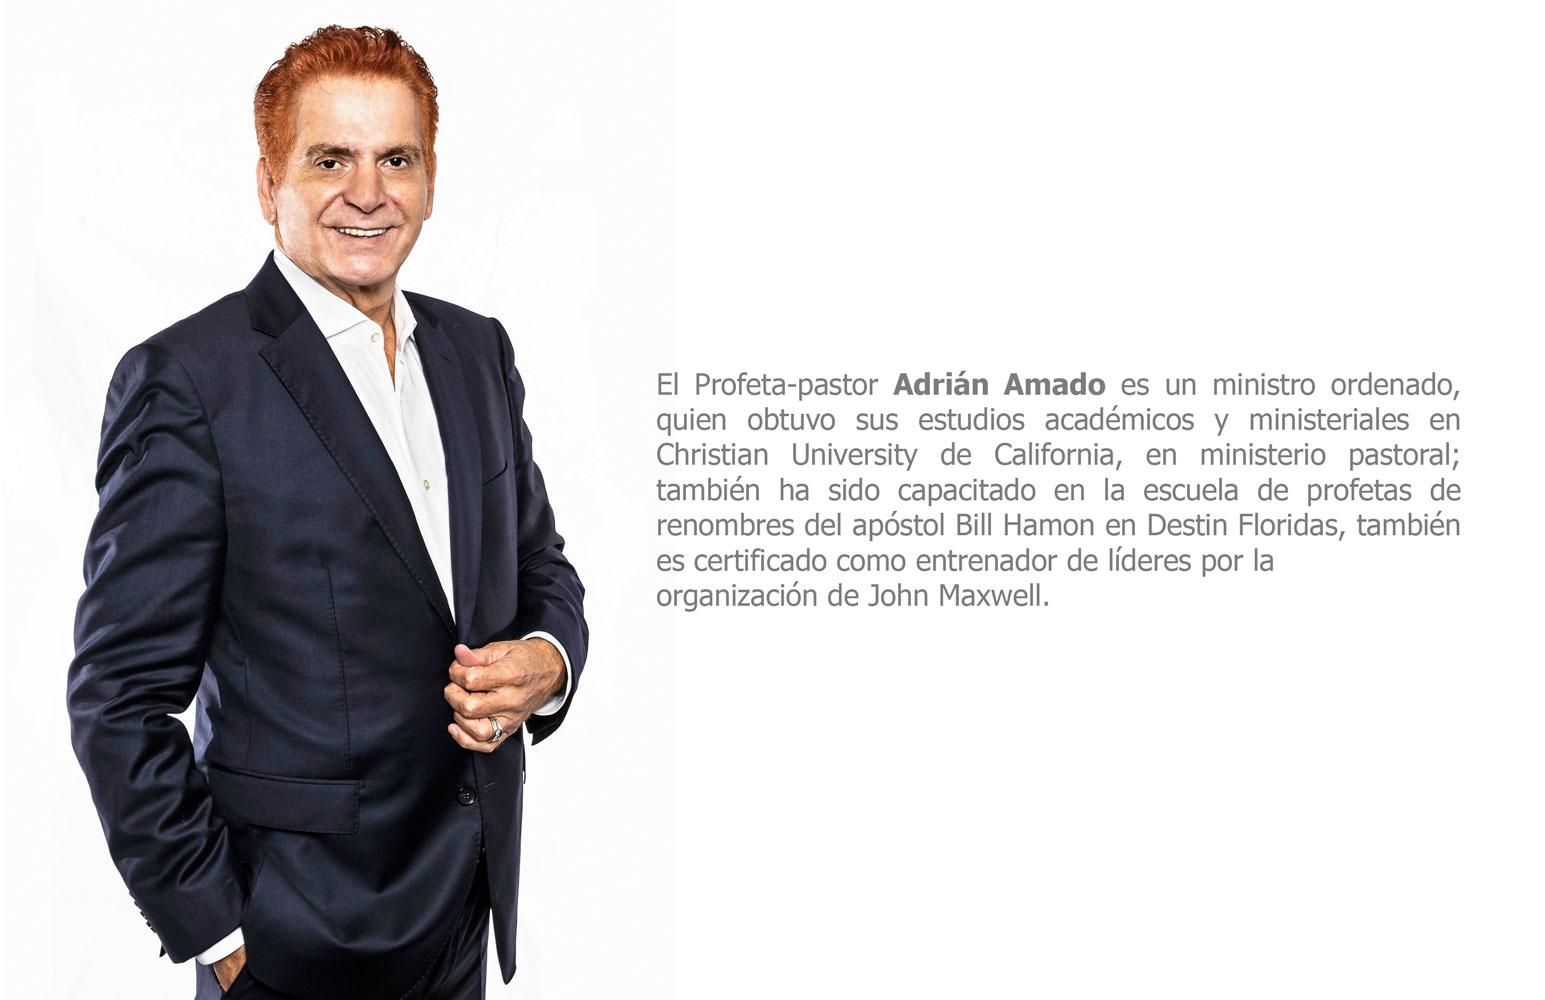 Adrian-Amado-Description.